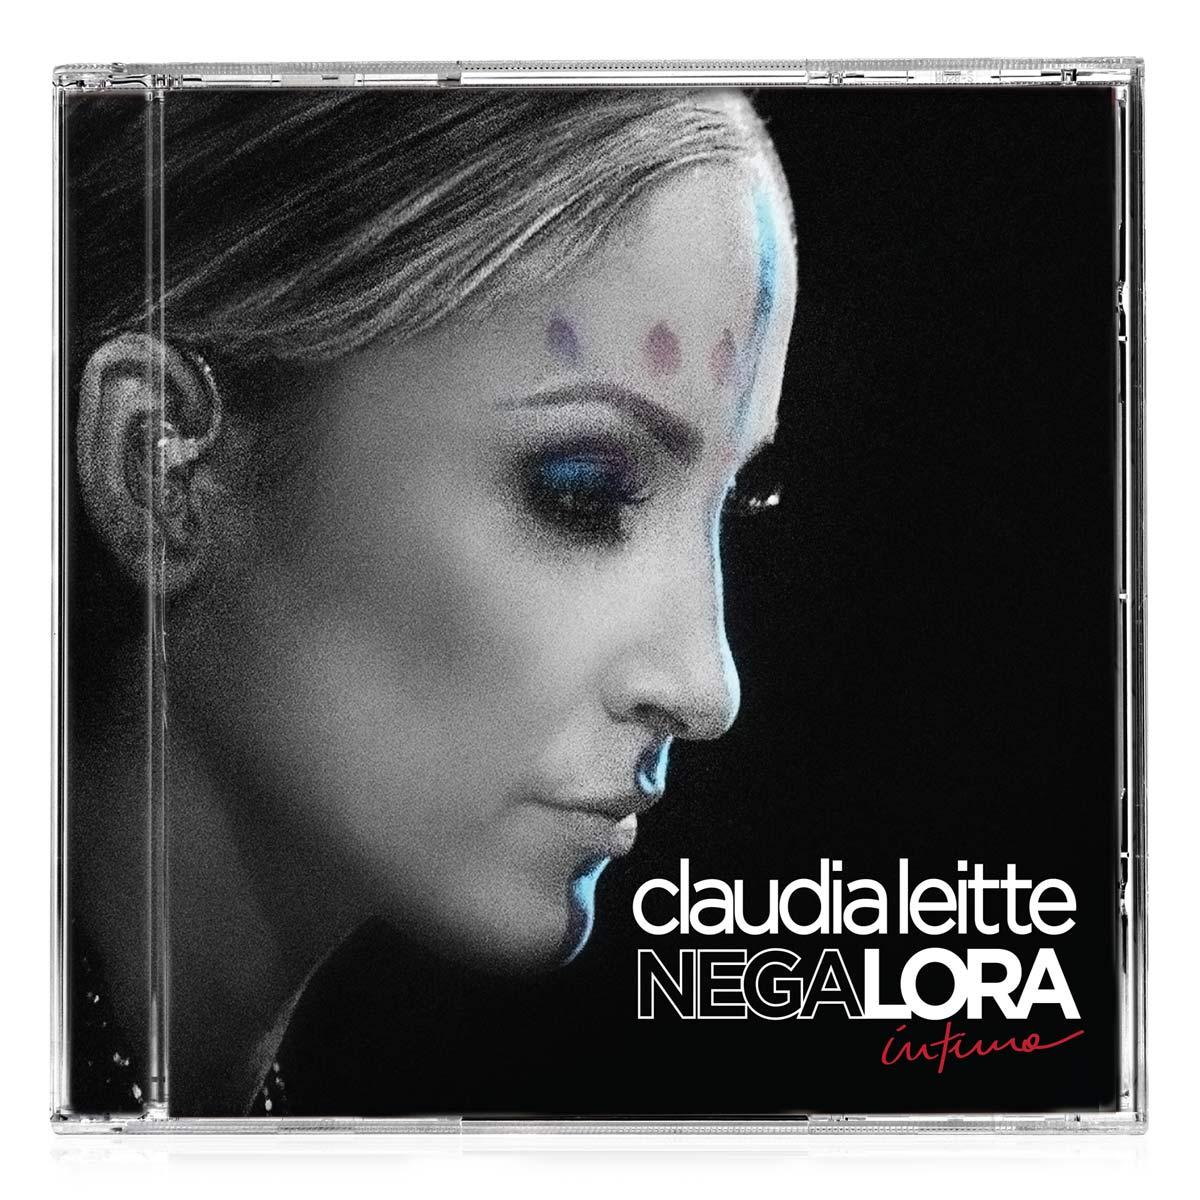 CD Claudia Leitte Negalora